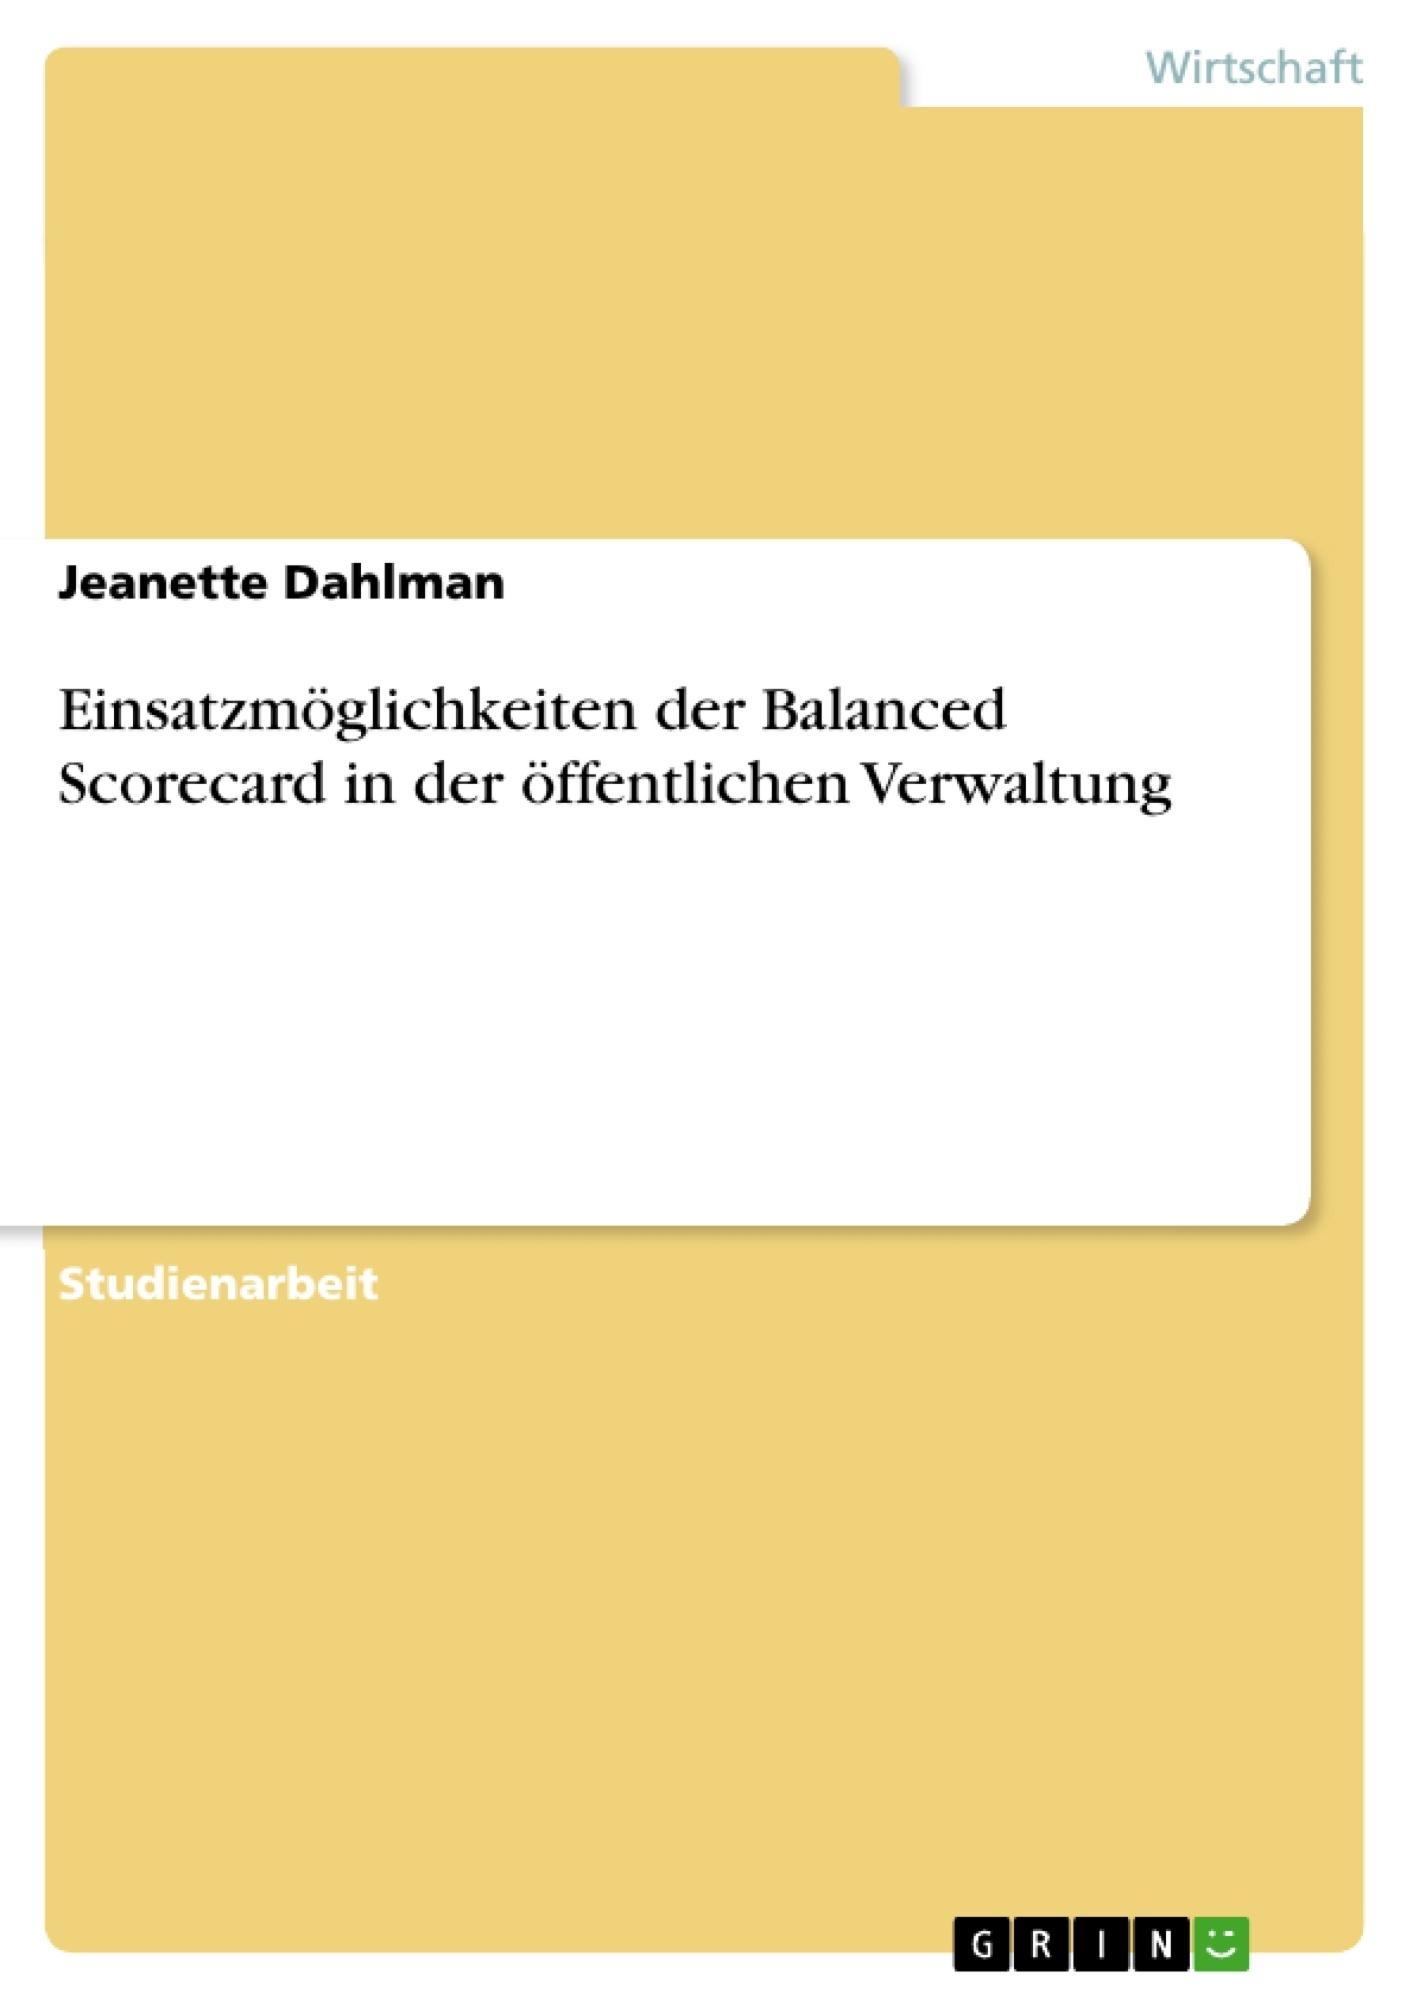 Titel: Einsatzmöglichkeiten der Balanced Scorecard in der öffentlichen Verwaltung